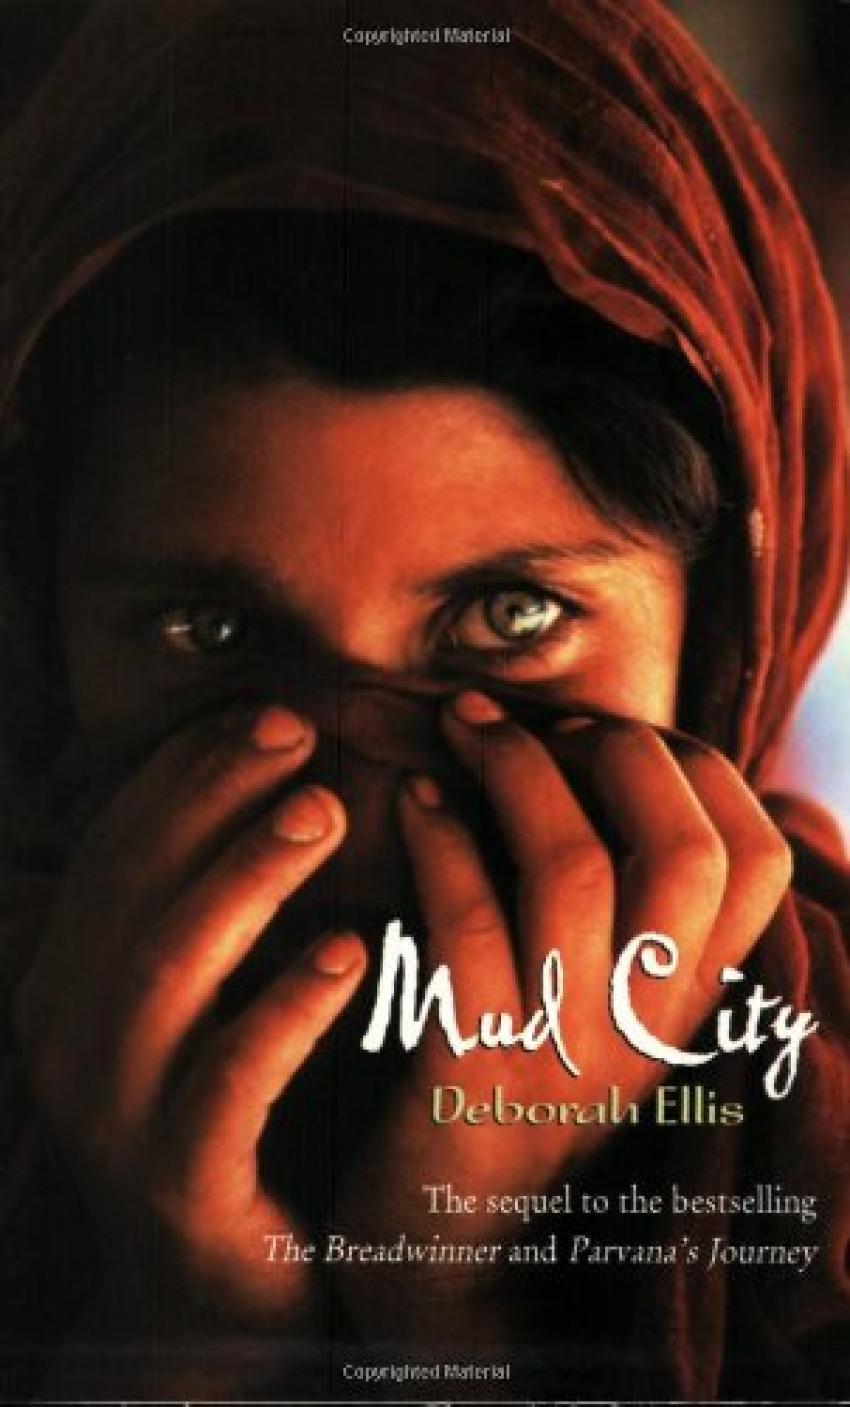 Mud city